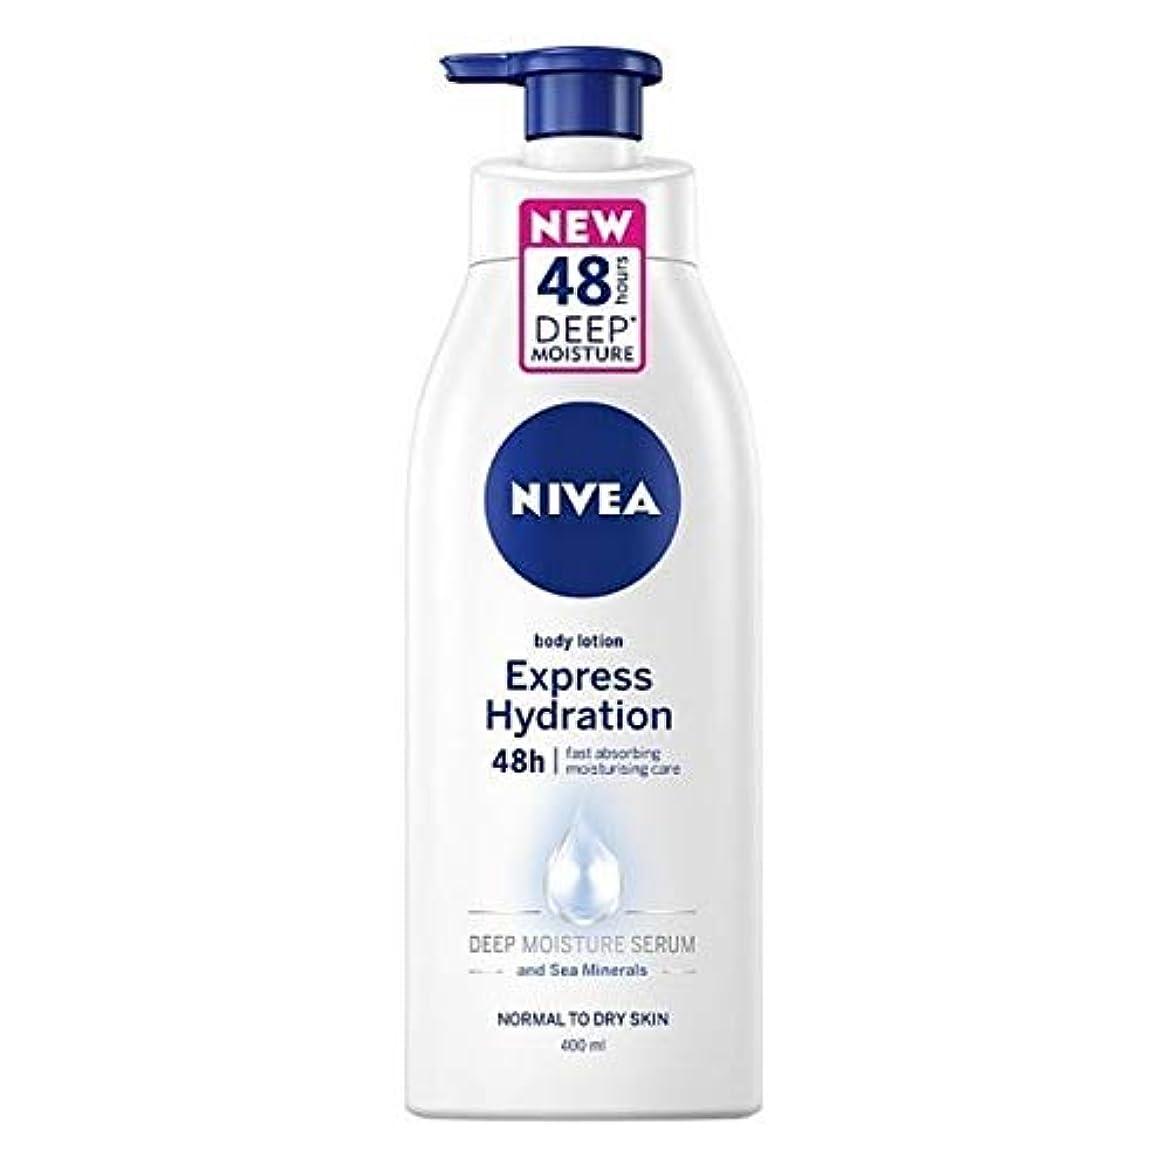 にはまってマーカー表向き[Nivea ] 高速の急行水和ボディローション400ミリリットルを吸収ニベア - NIVEA Fast Absorbing Express Hydration Body Lotion 400ml [並行輸入品]